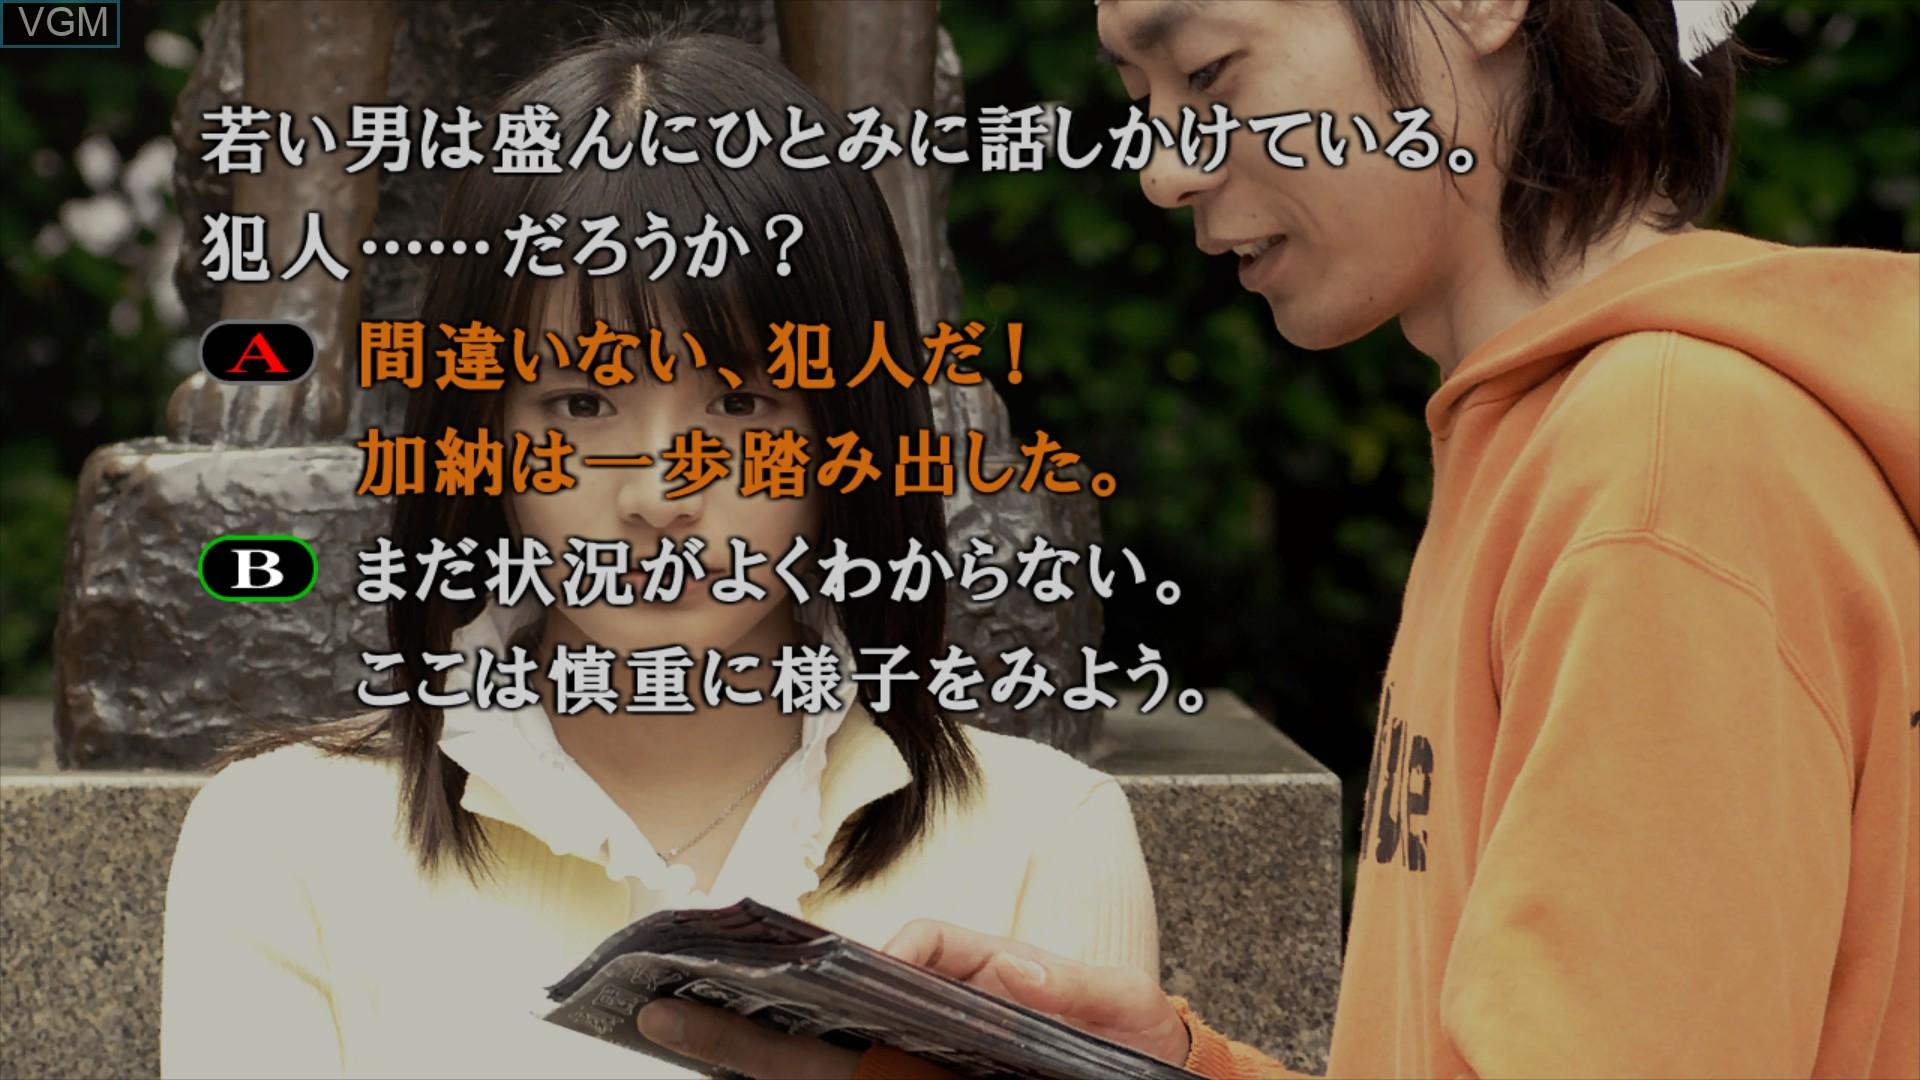 428 - Fuusa Sareta Shibuya de